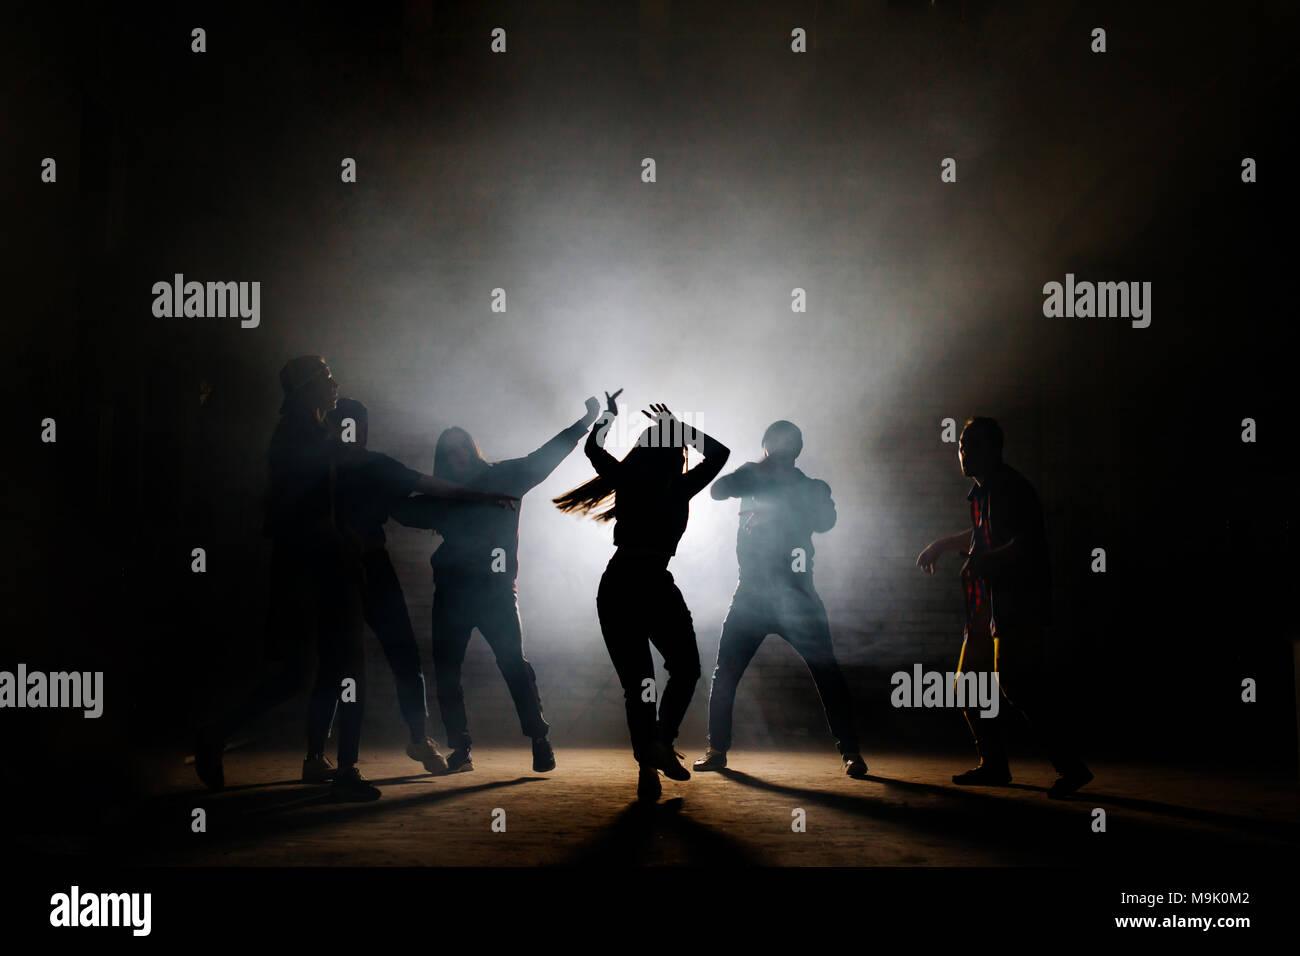 Les adolescents faire isoleted la danse se déplace sur le fond noir. comme la danse de fantaisie. Banque D'Images